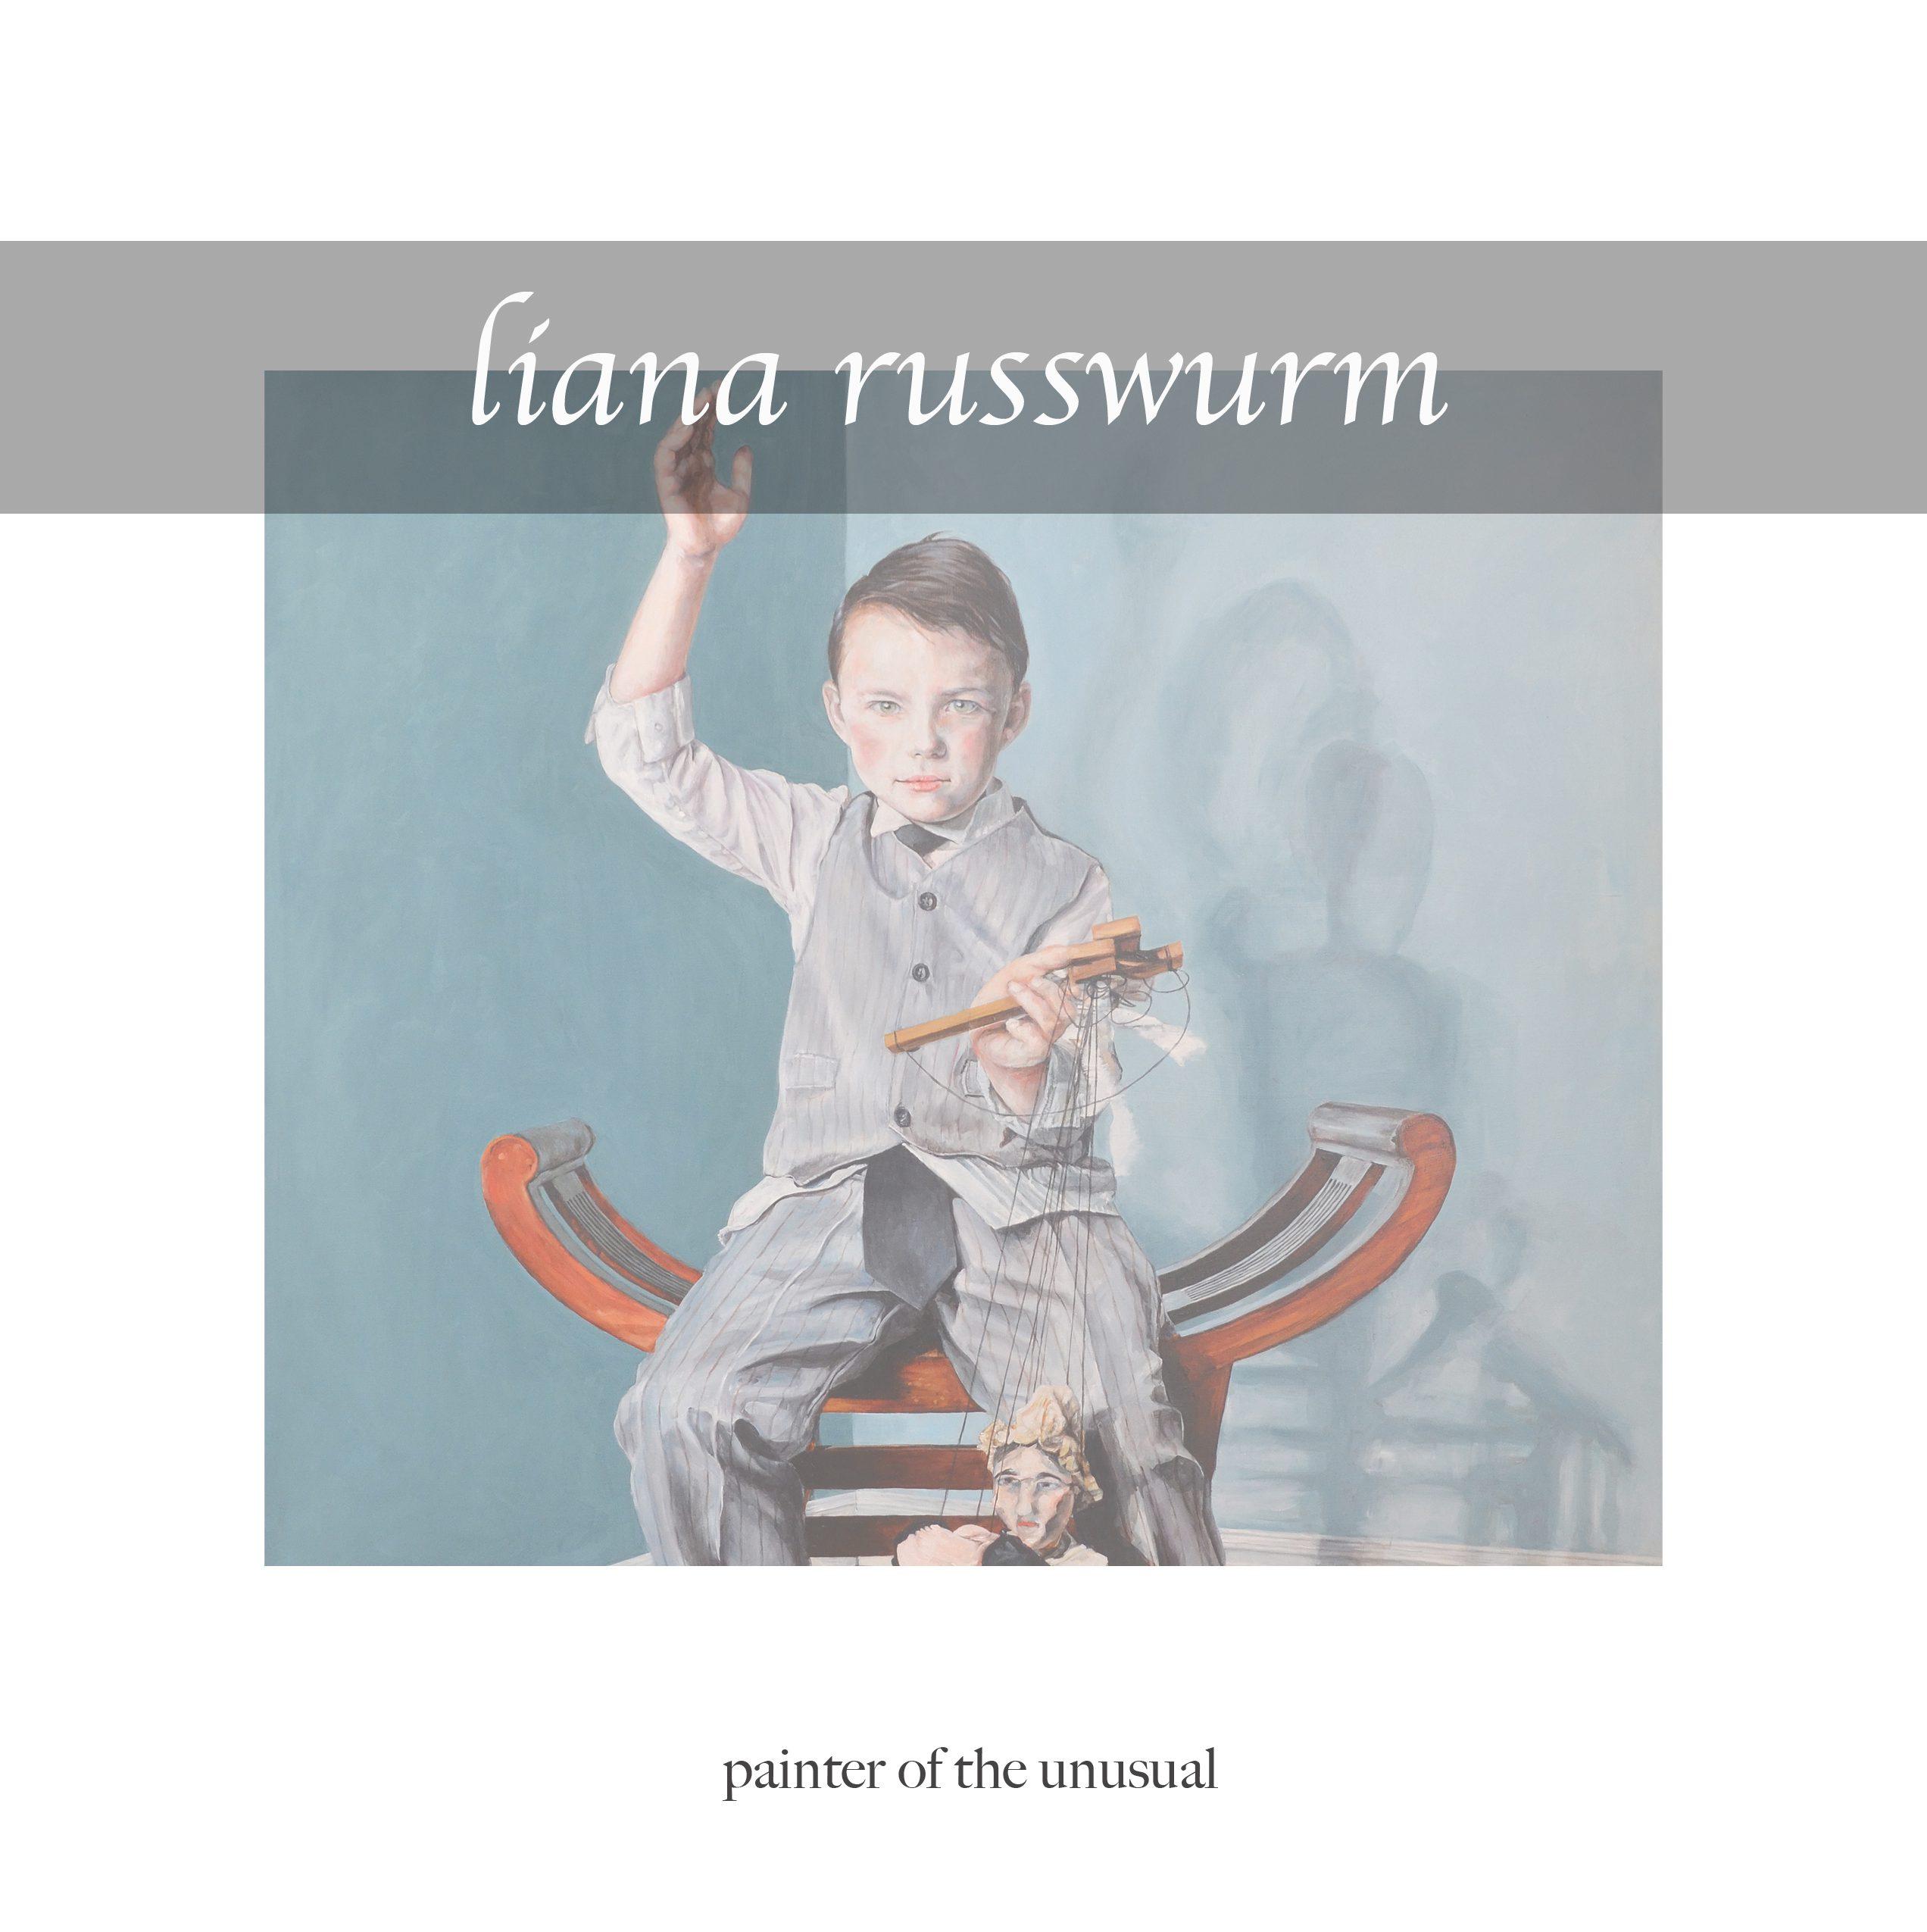 Liana Russwurm